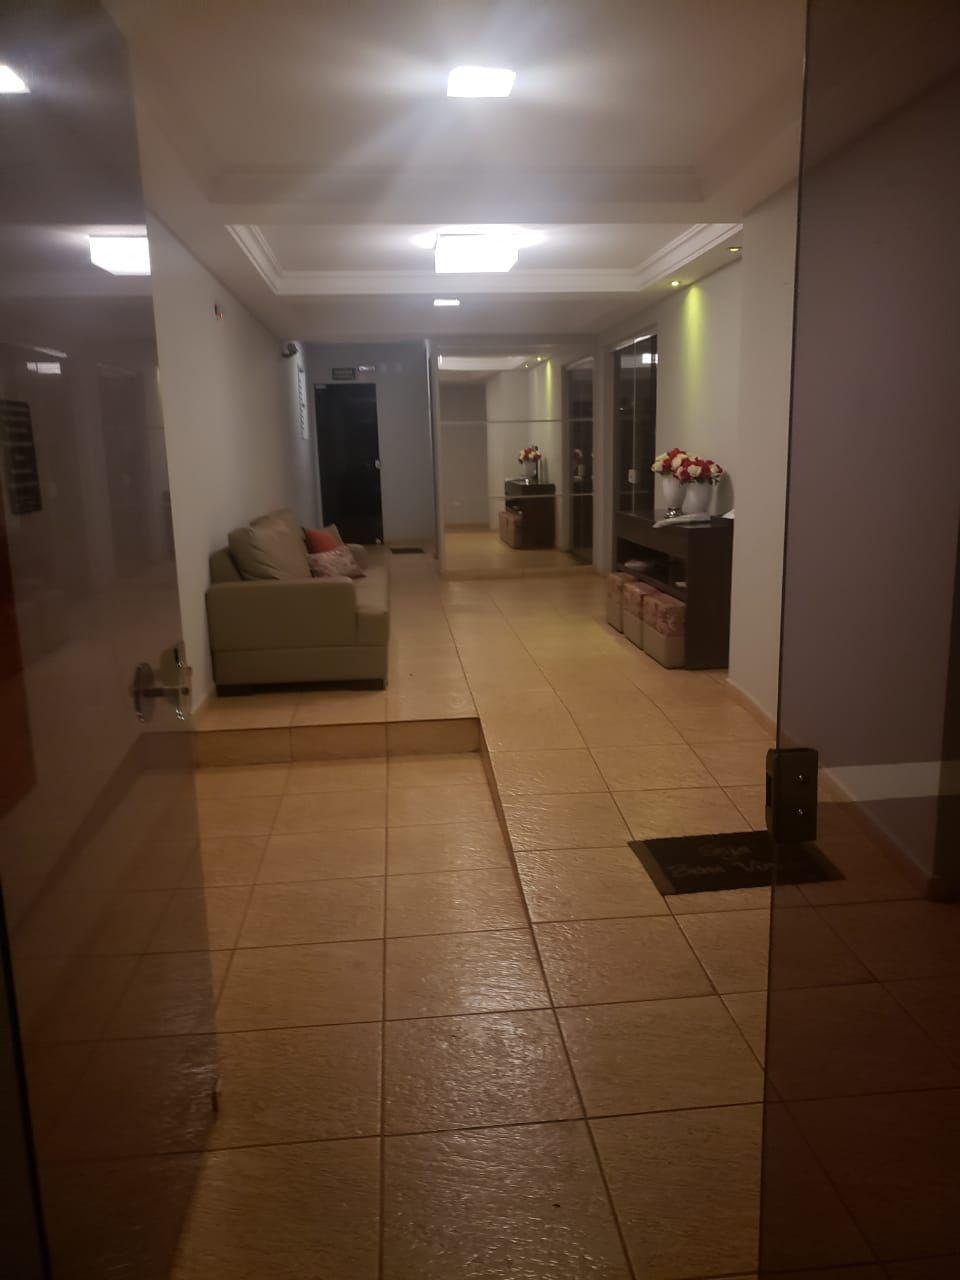 743 - apartamento Nova Aliança 84m² 2 dormitórios 2 vagas